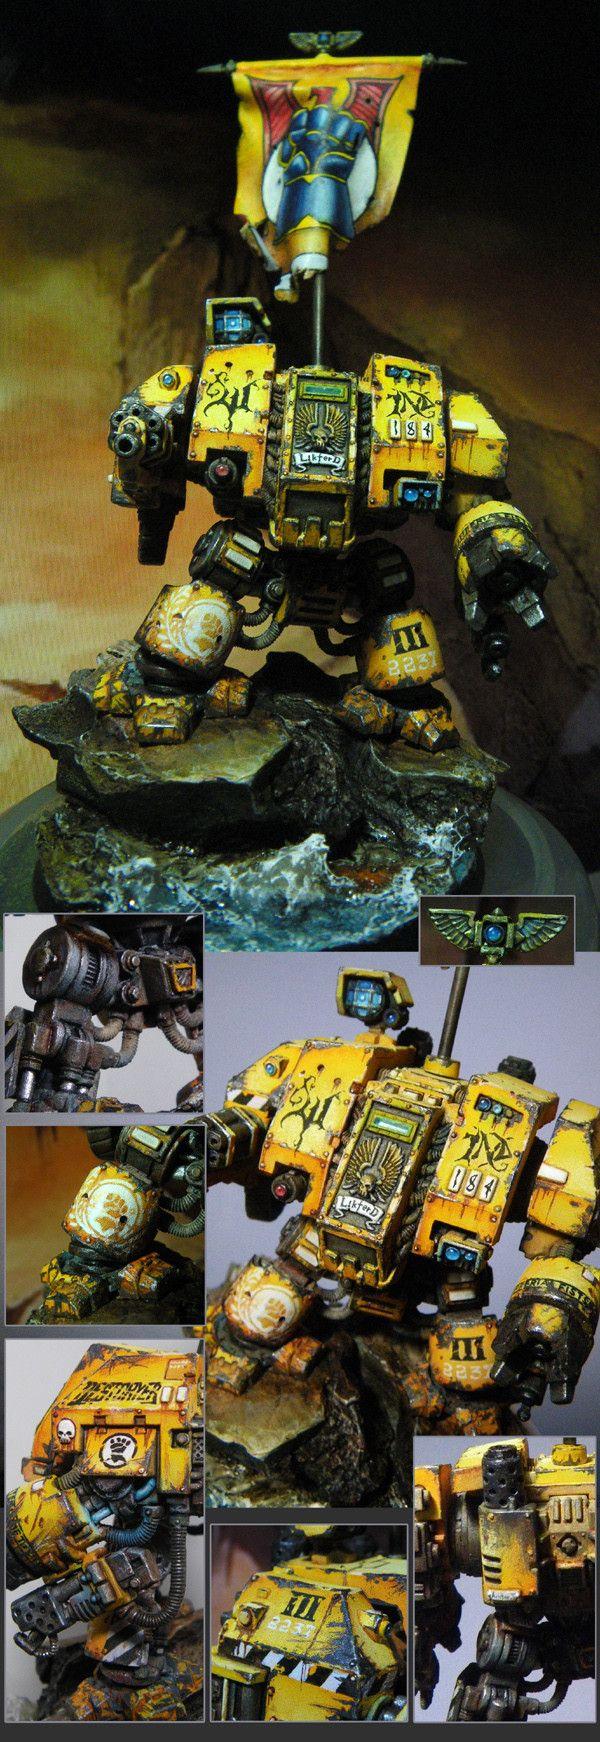 Warhammer 40000,warhammer40000, warhammer40k, warhammer 40k, ваха, сорокотысячник,фэндомы,Dreadnought,Imperial Fists,Space Marine,Adeptus Astartes,Imperium,Империум,Miniatures (WH 40000)